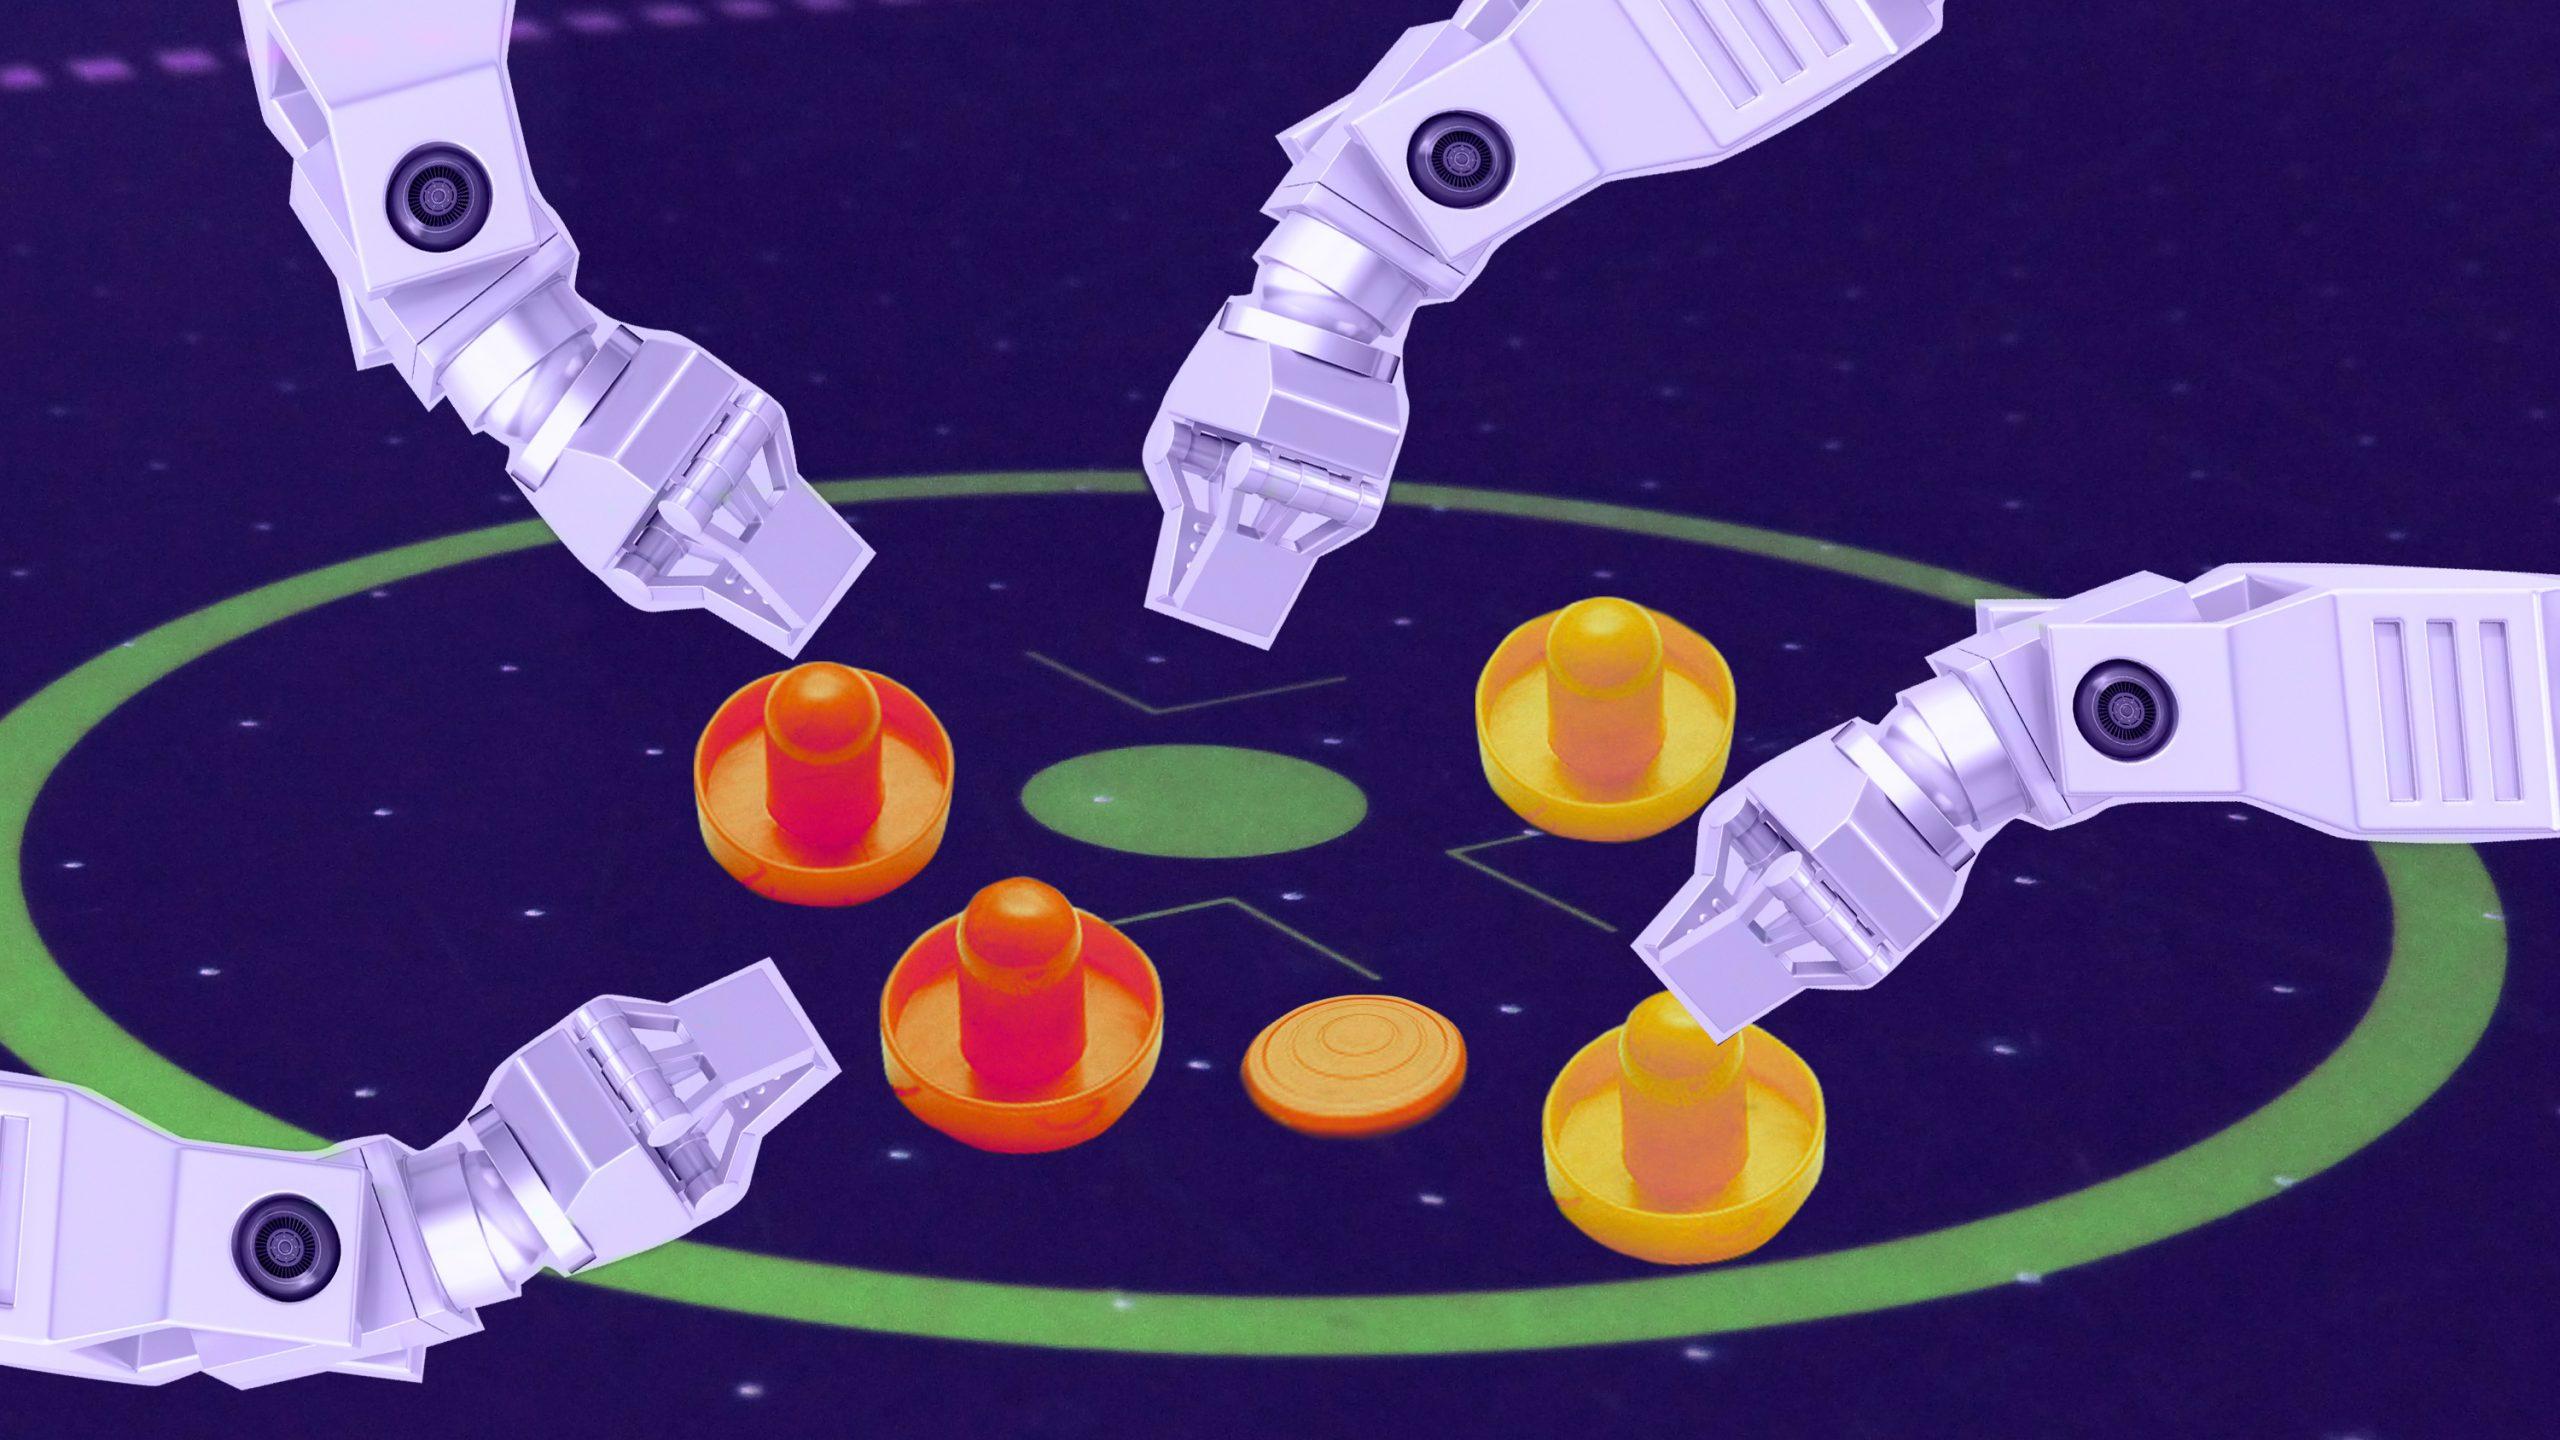 協調型ロボットに「心の理論」は不要か?単純化で優れた結果に